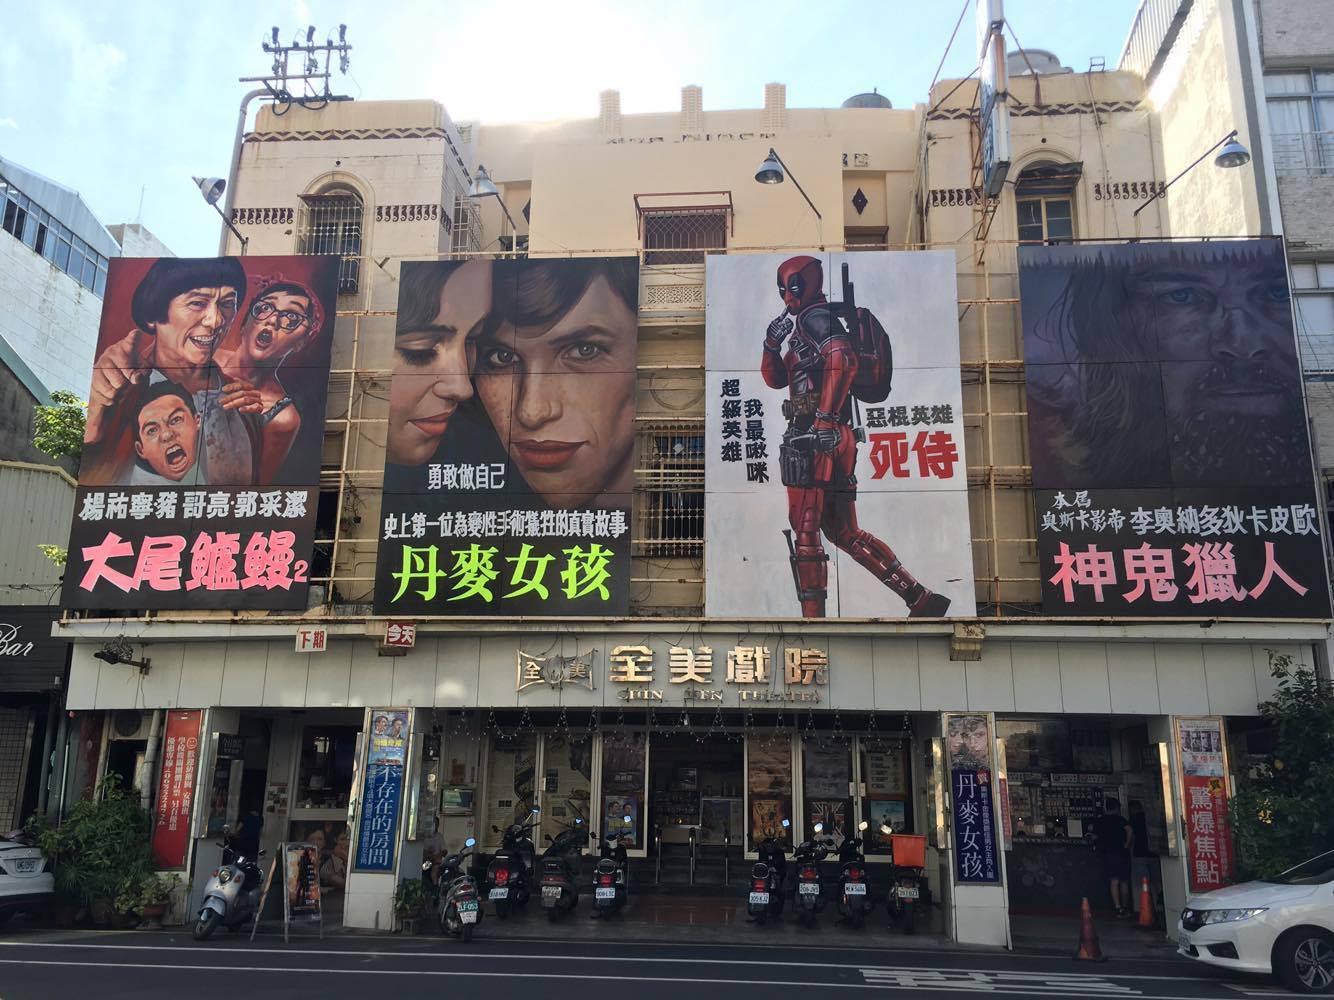 全美 (今日) 戲院是全台唯一保留傳統手繪電影看板的影城。